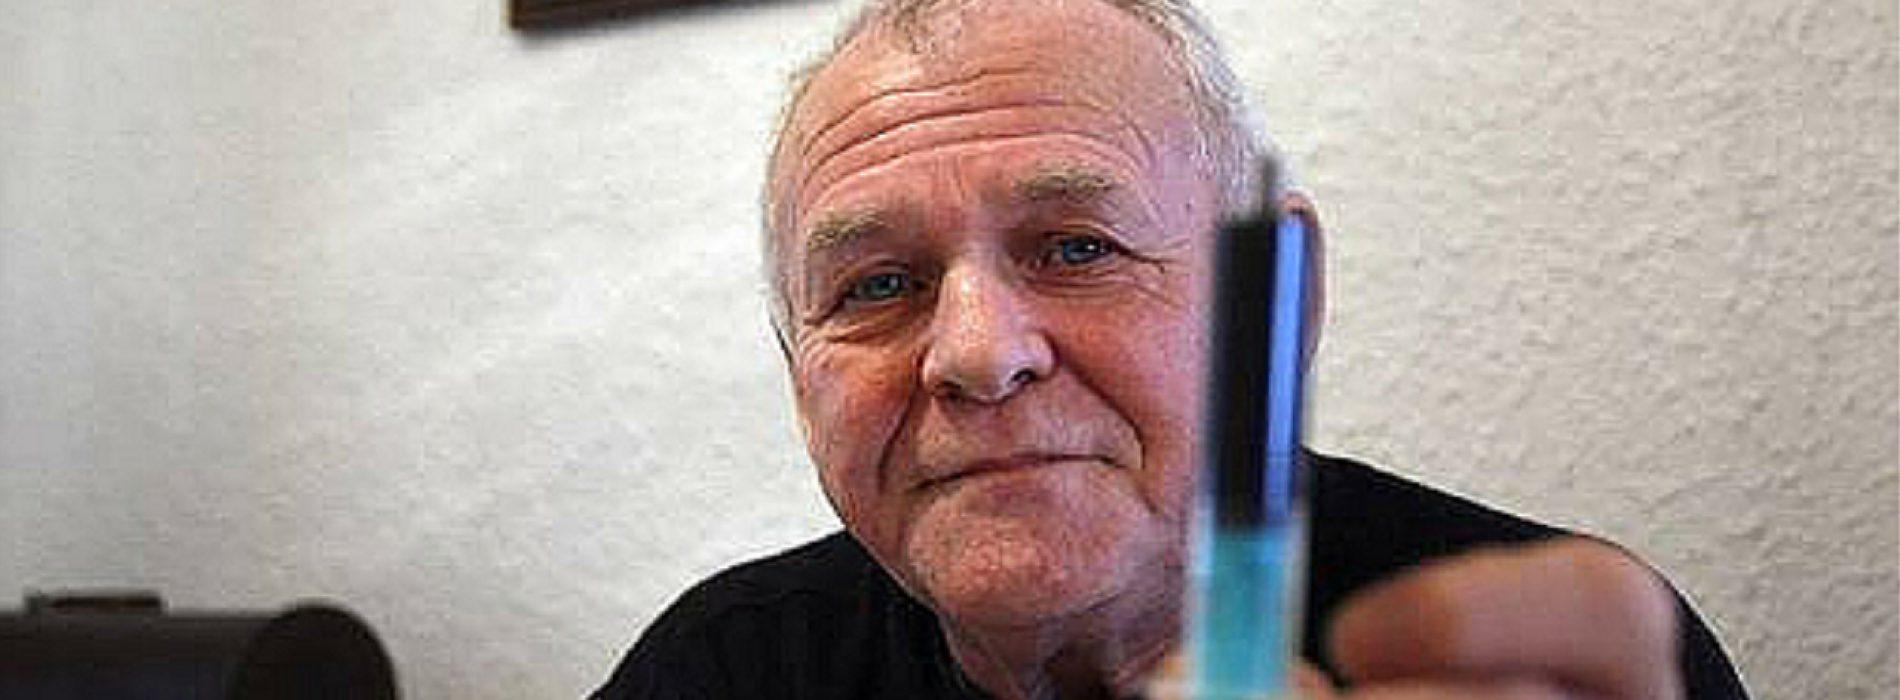 Deze man Genas 5.000 Mensen van Kanker: Dit is een recept dat Tumoren in 90 dagen doodt!